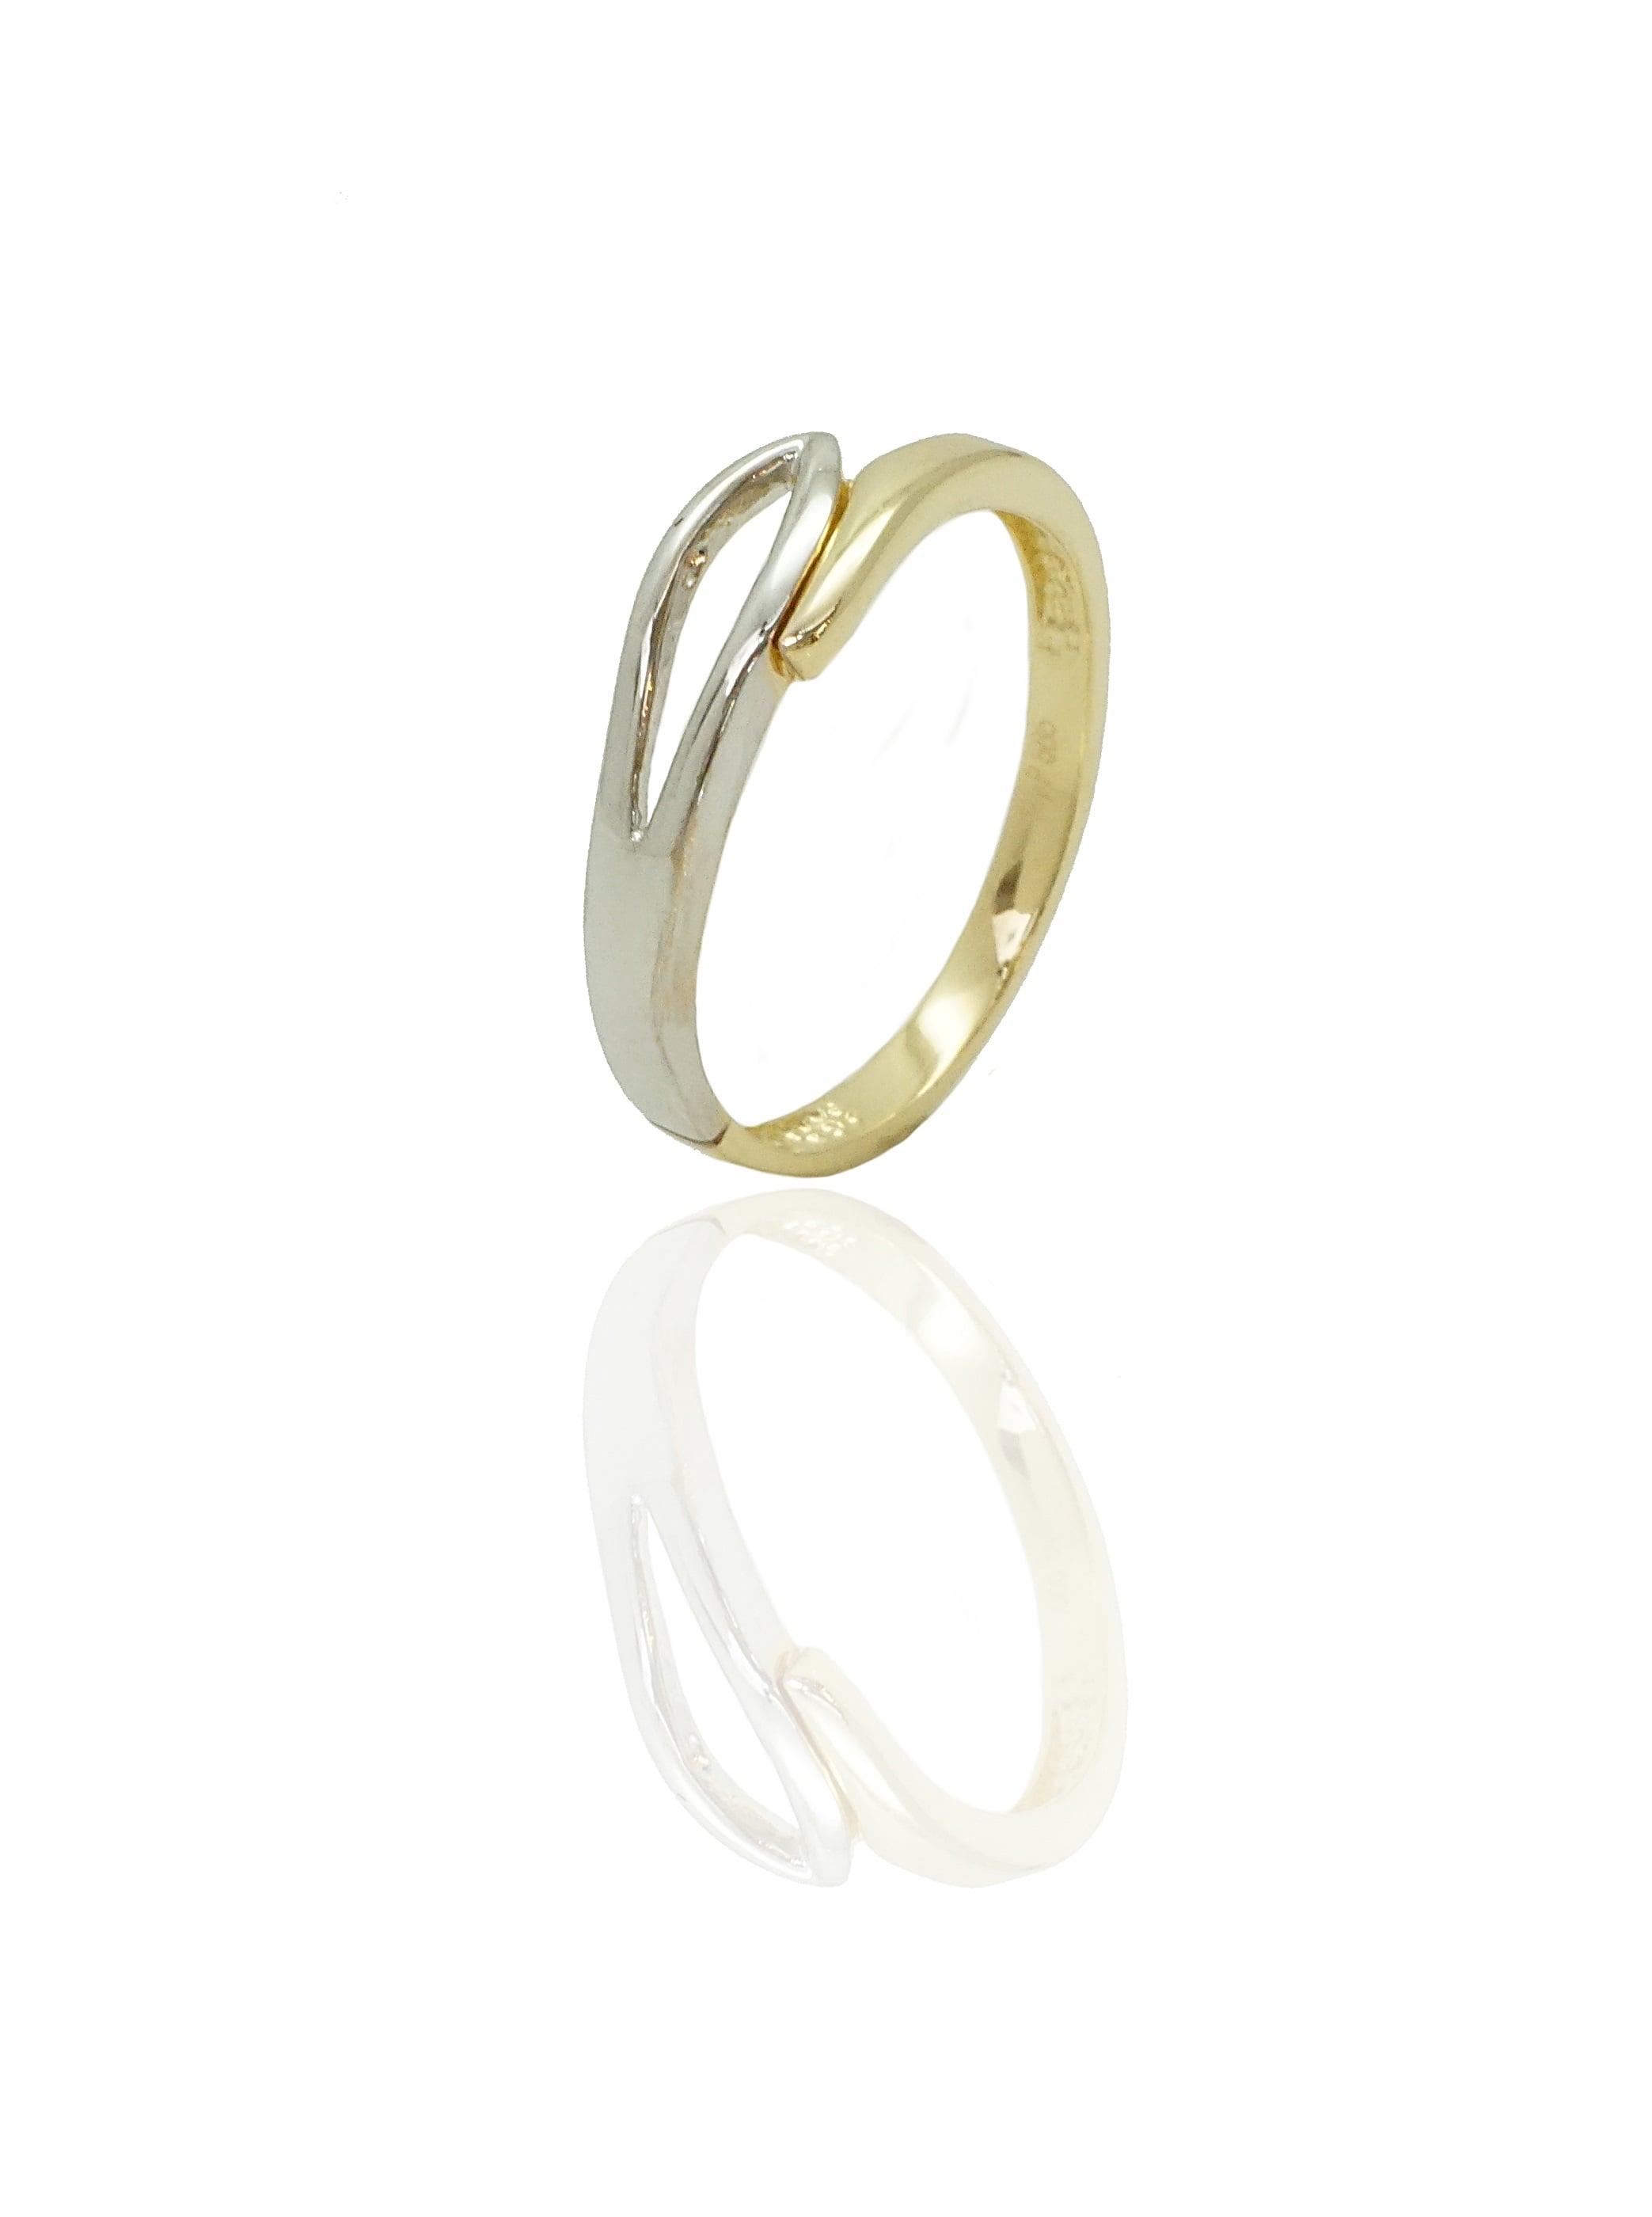 טבעת זהב צהוב ולבן משולבת , זהב 14 קאראט